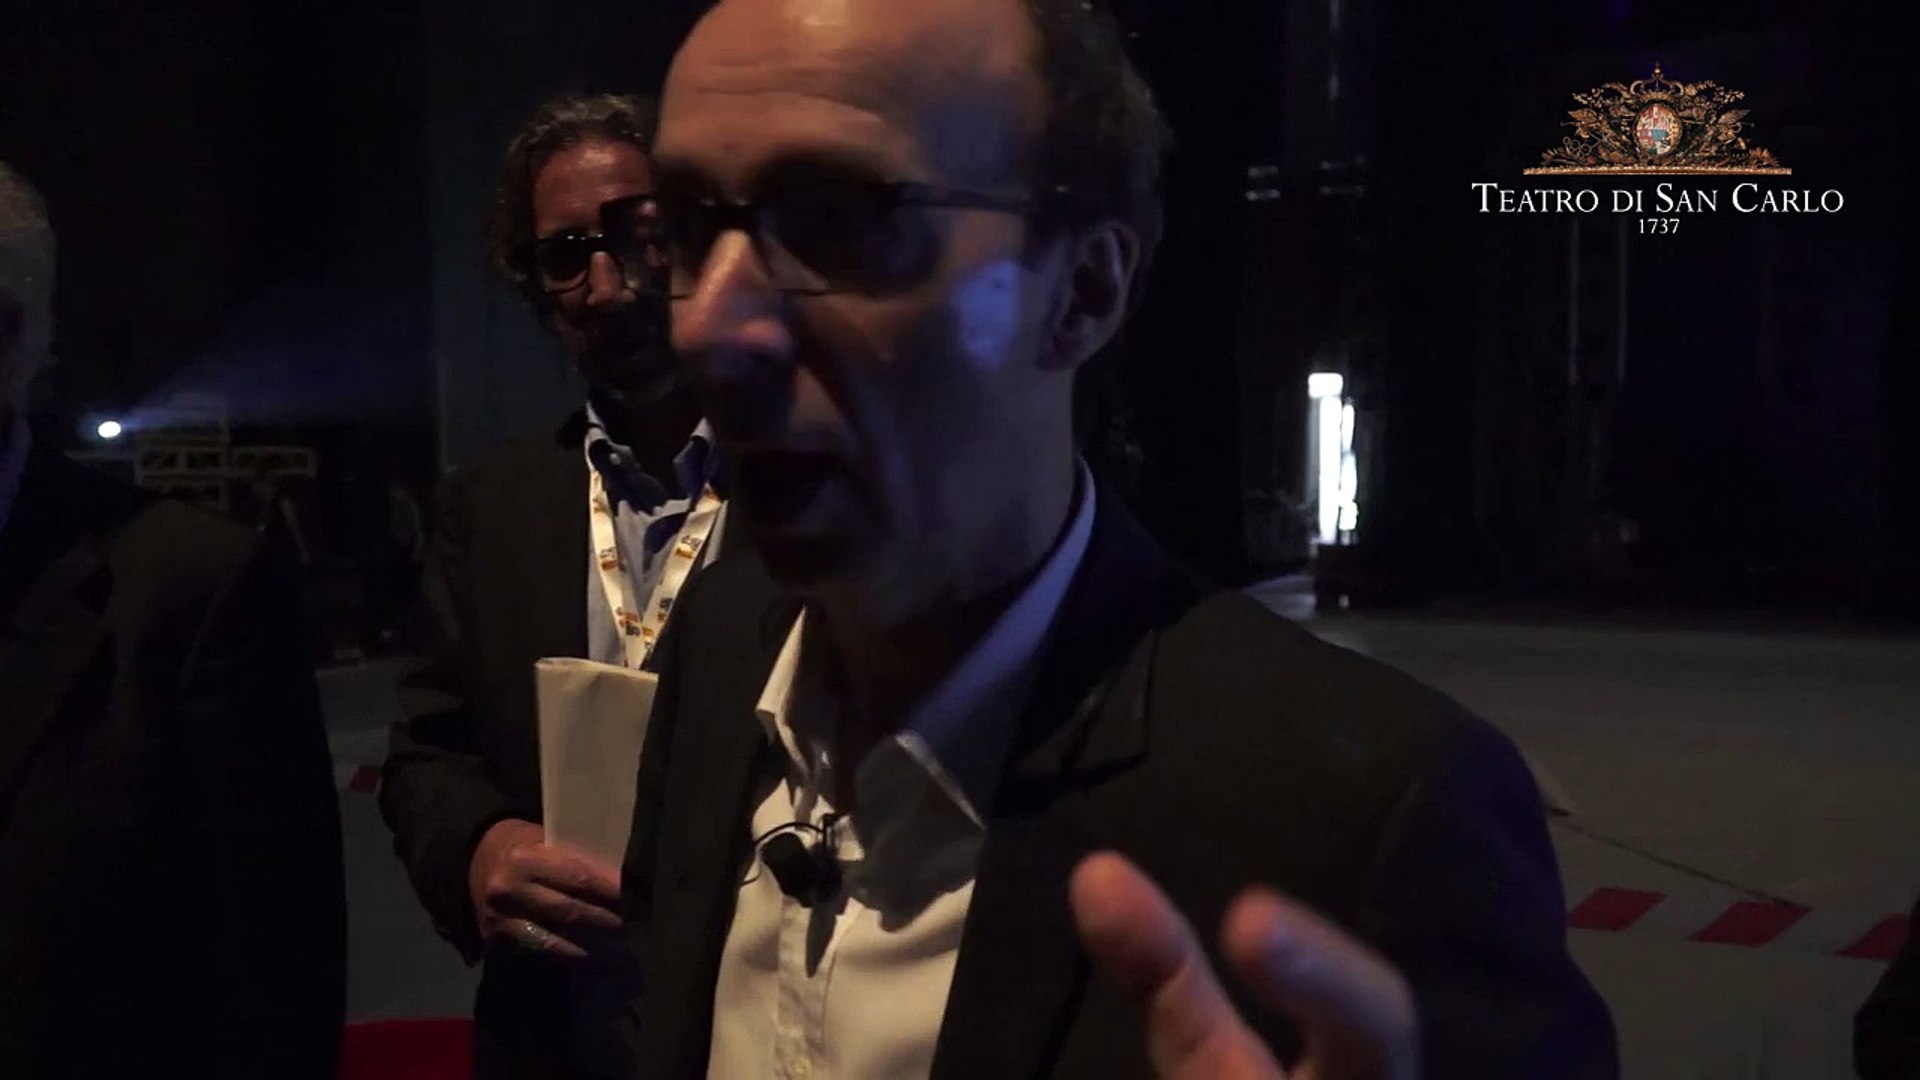 Inside Teatro San Carlo / Speciale Repubblica delle Idee - Il saluto di Roberto Benigni